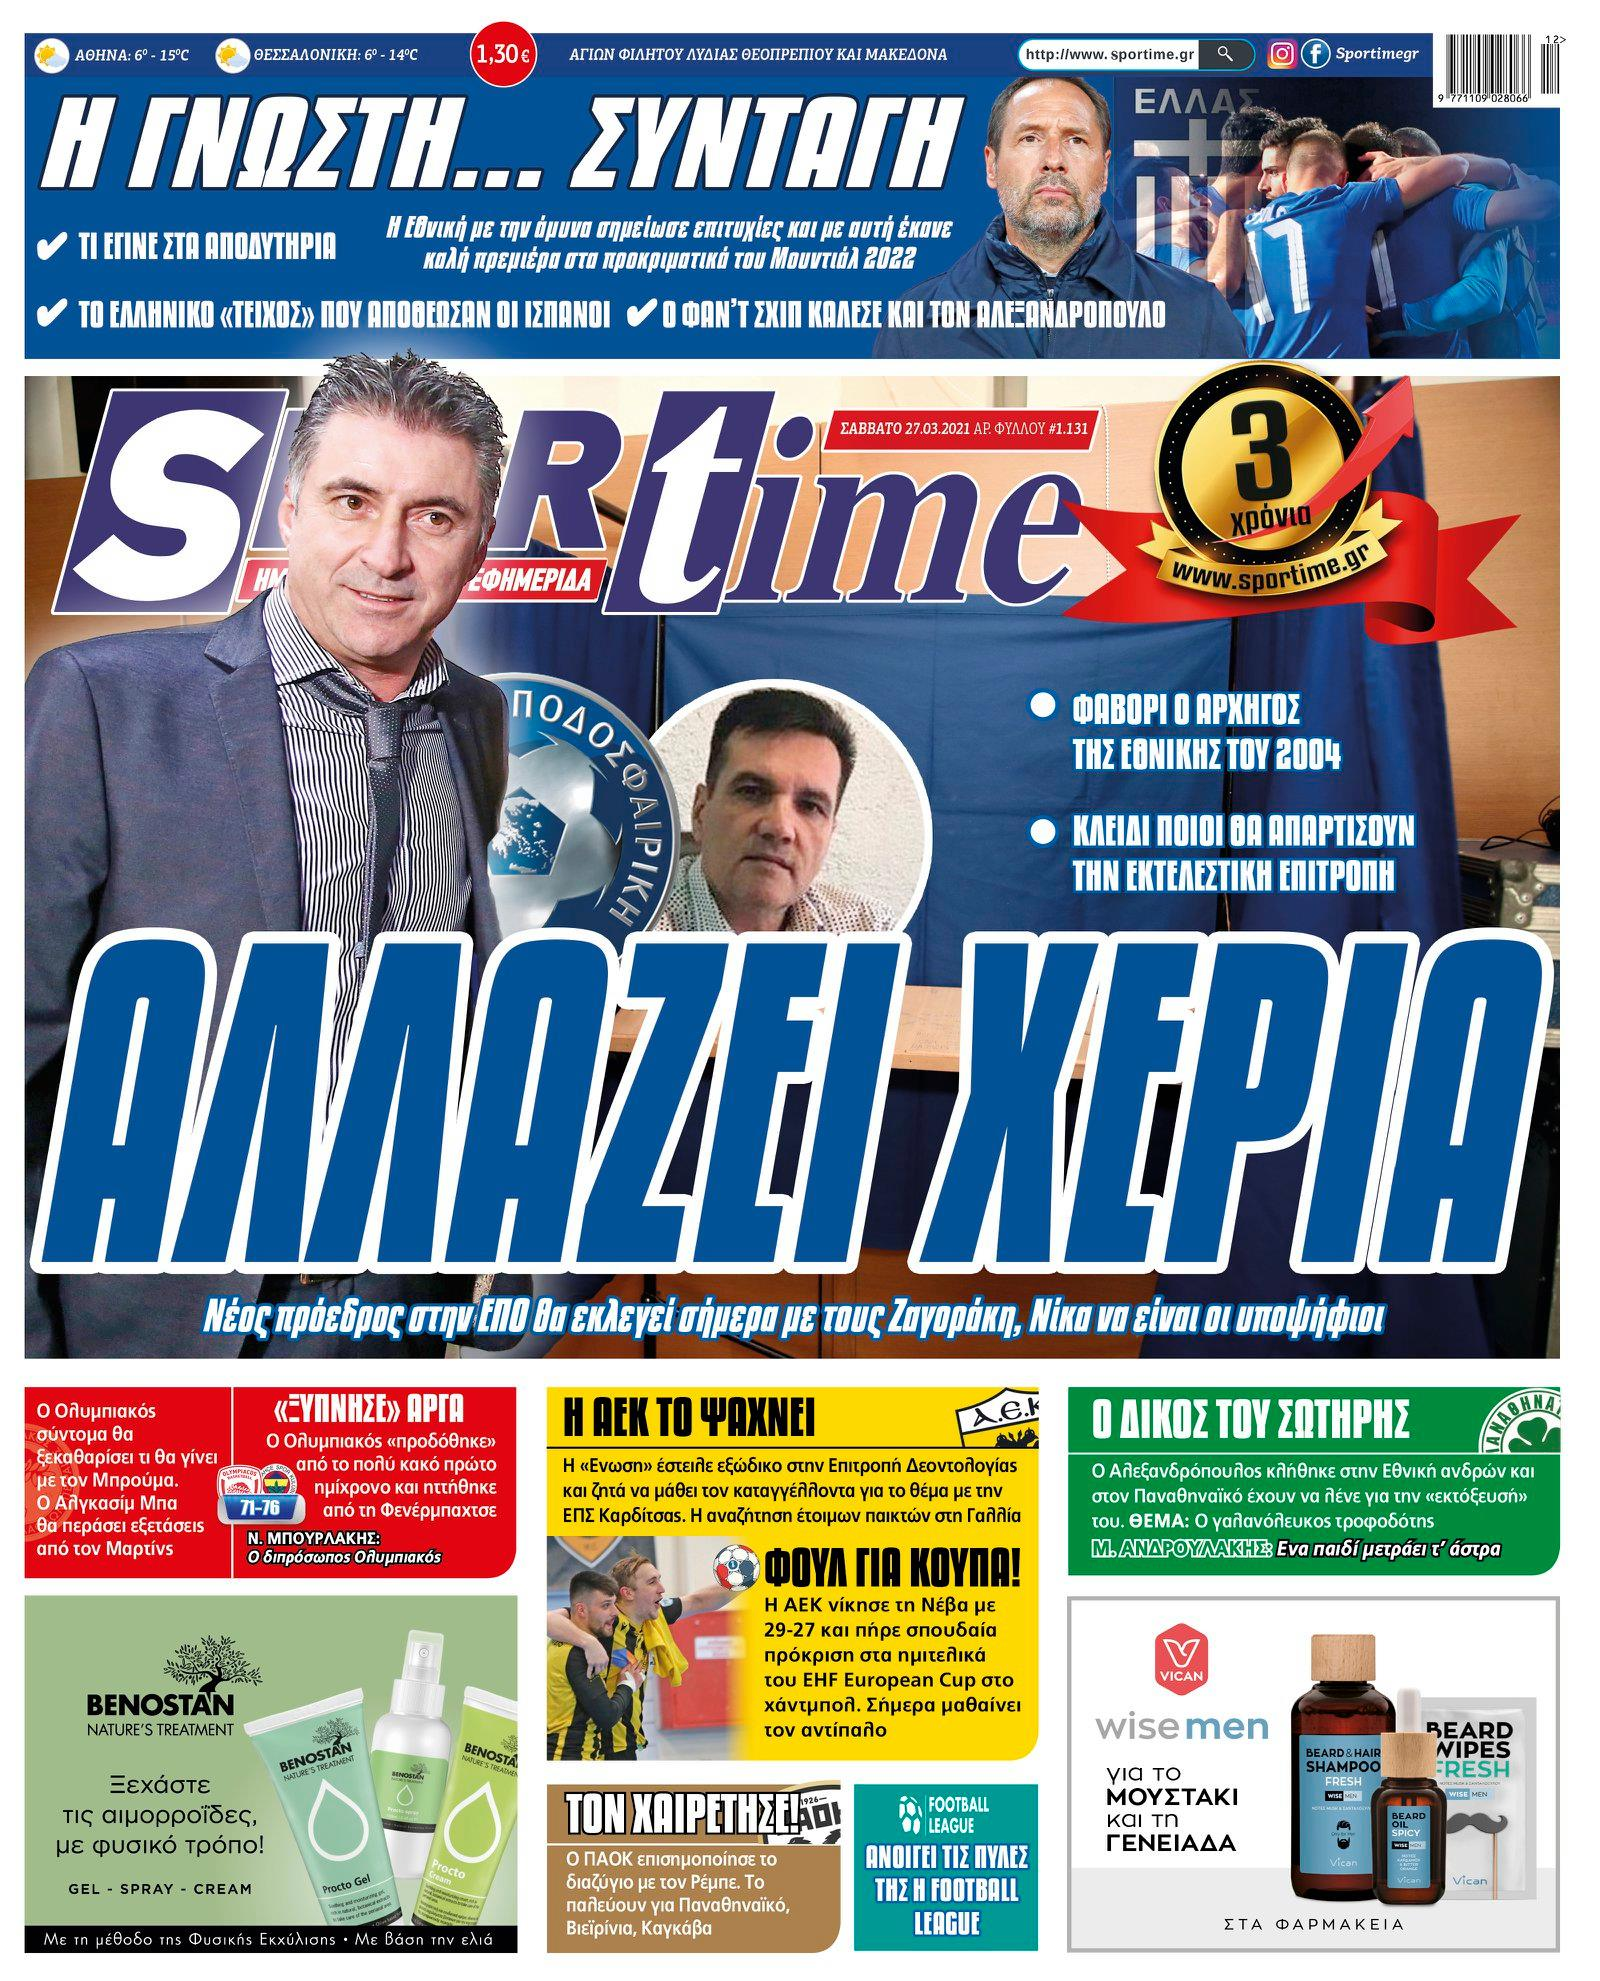 Εφημερίδα SPORTIME - Εξώφυλλο φύλλου 27/3/2021